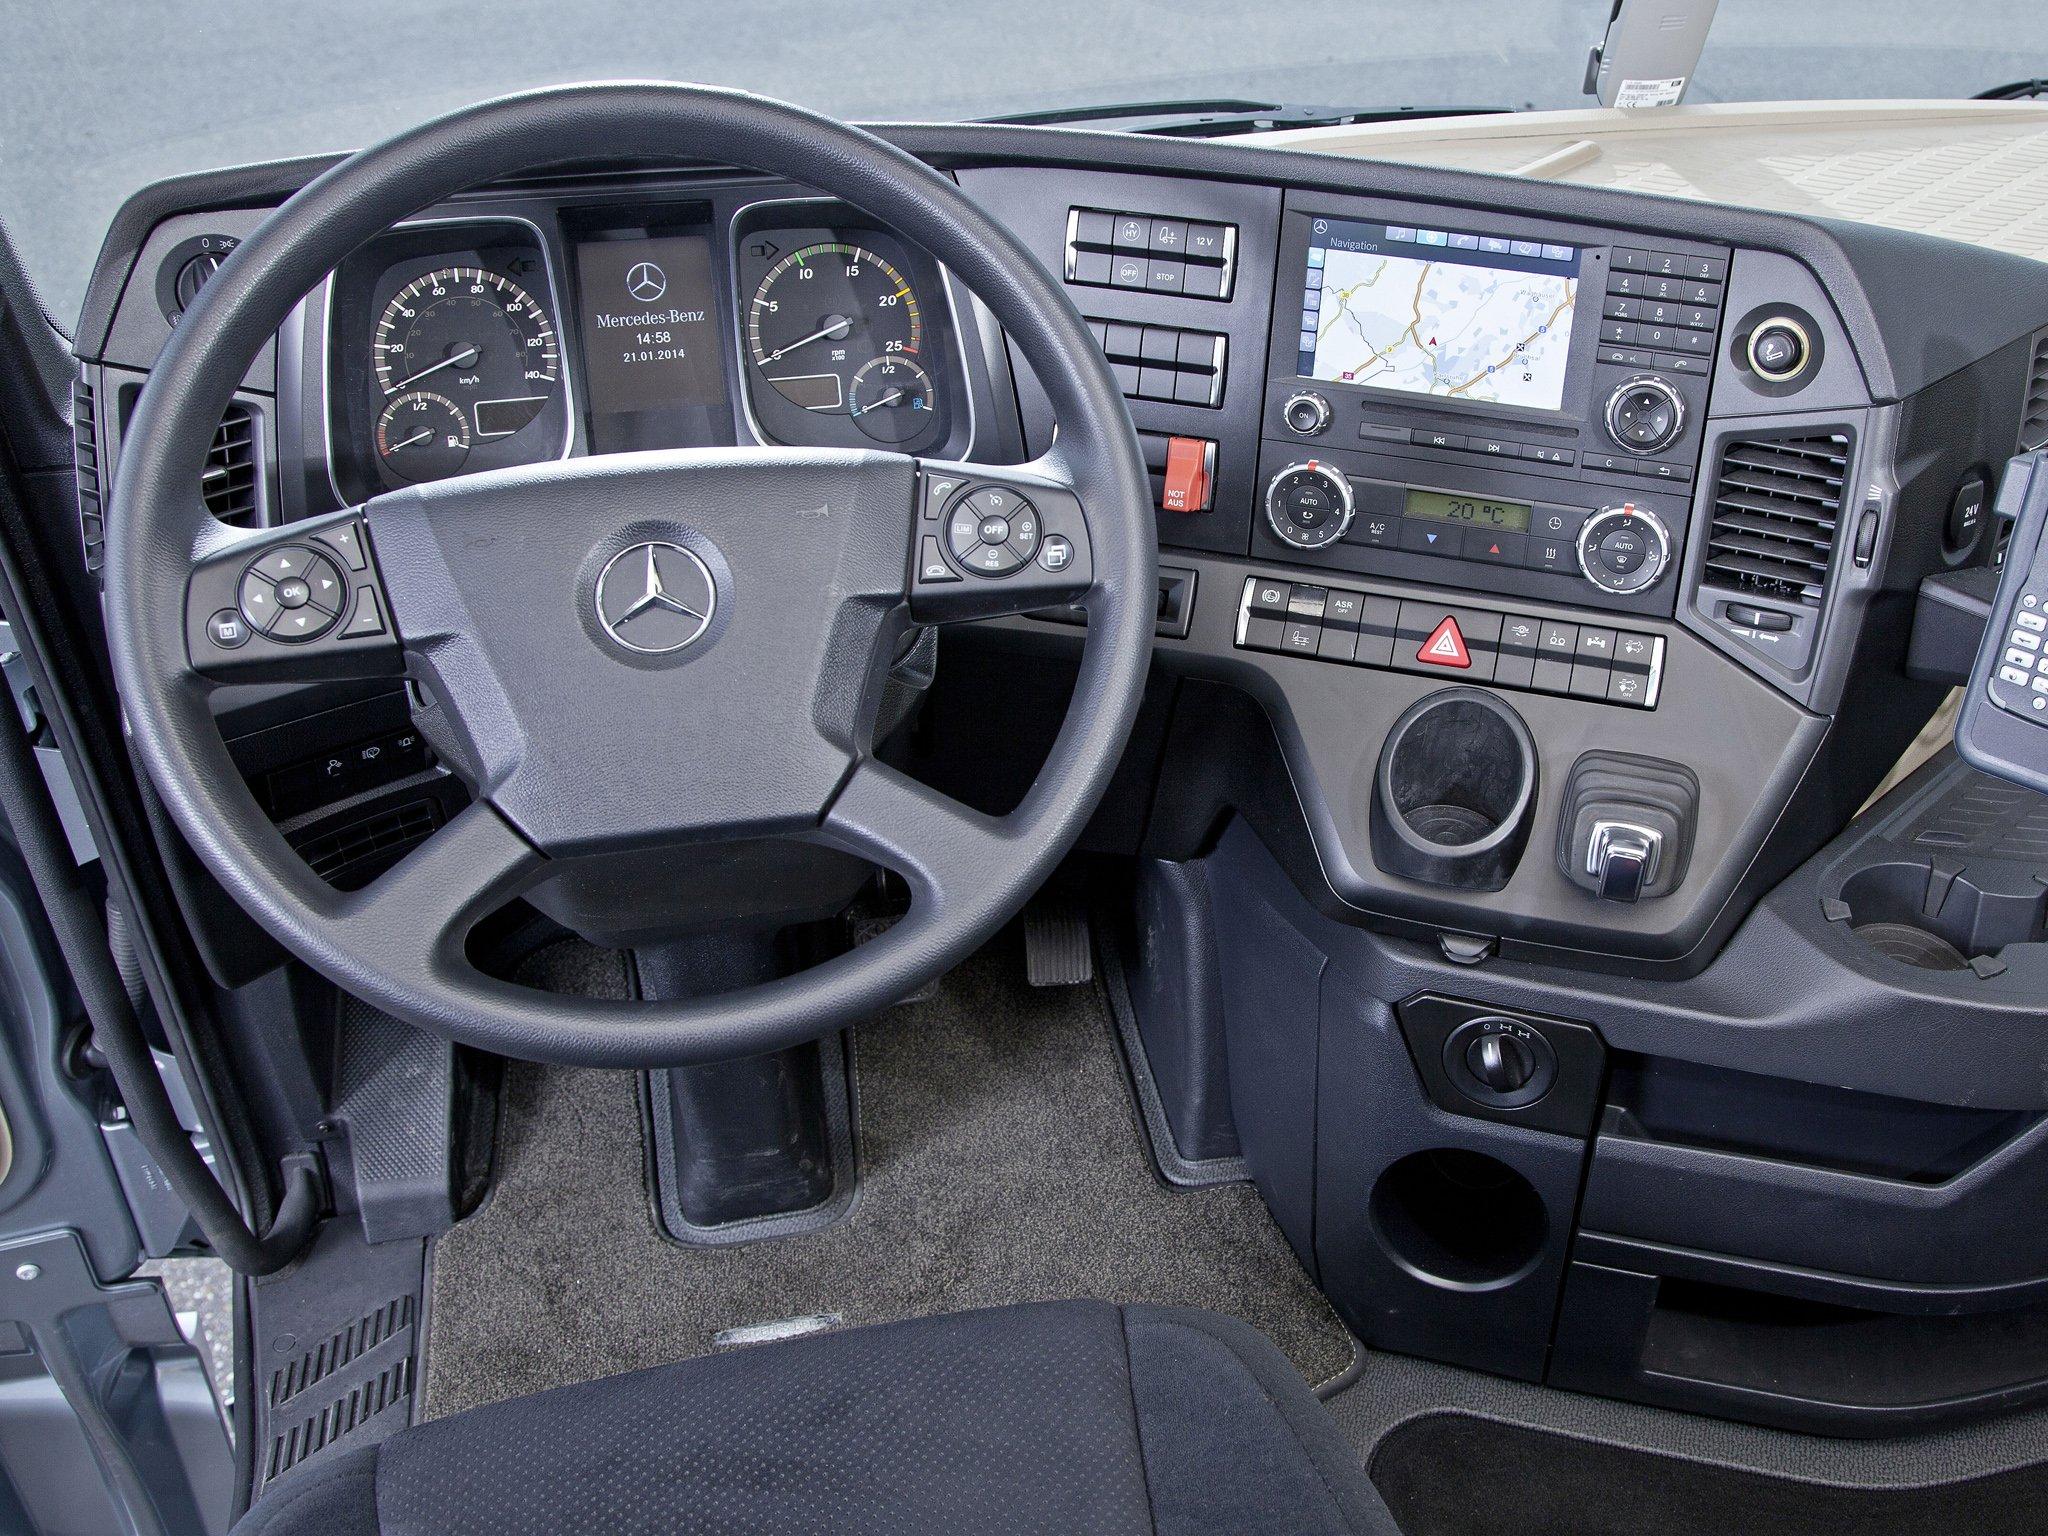 2014 Mercedes Benz Actros 4163 Slt Mp4 Semi Tractor